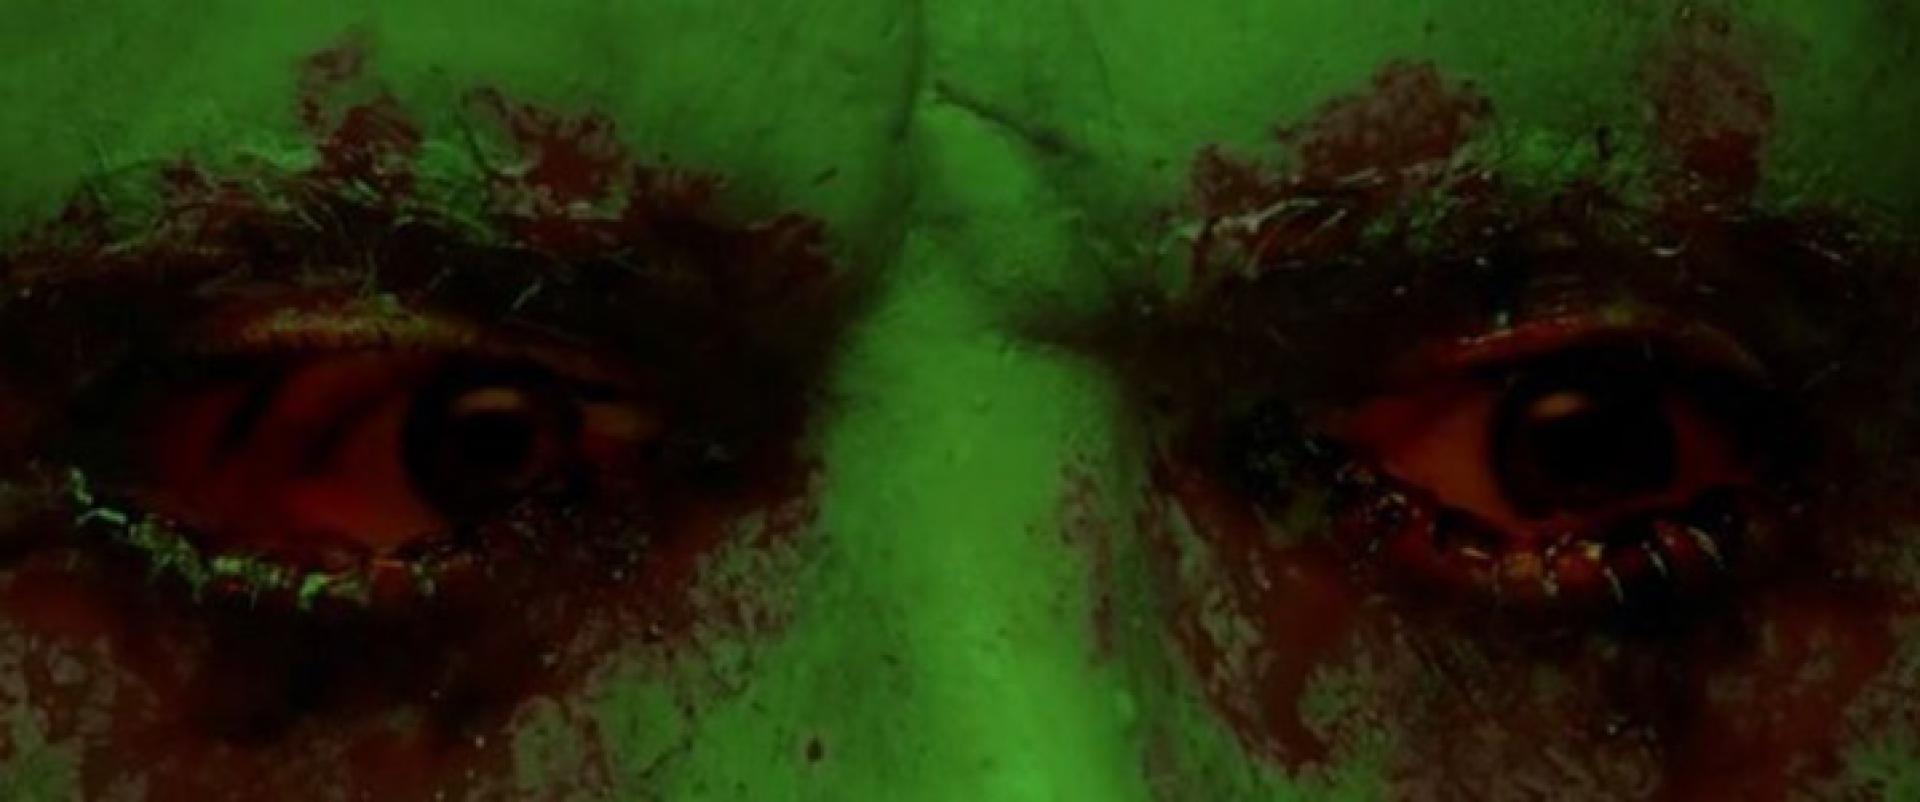 L'étrange couleur des larmes de ton corps (2013)